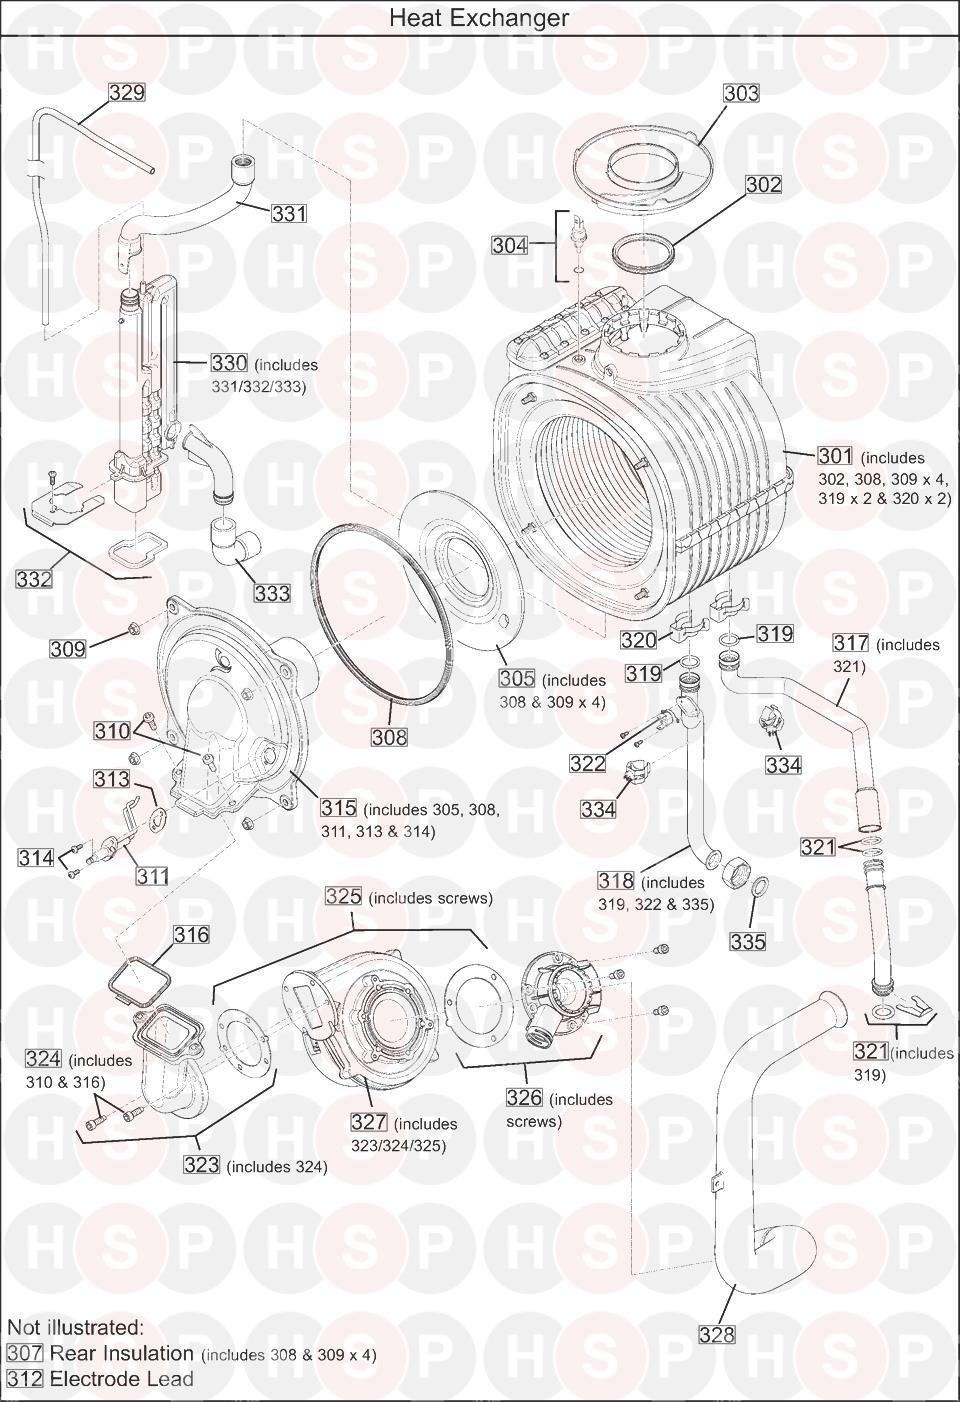 baxi 630 combi  heat exchanger  diagram